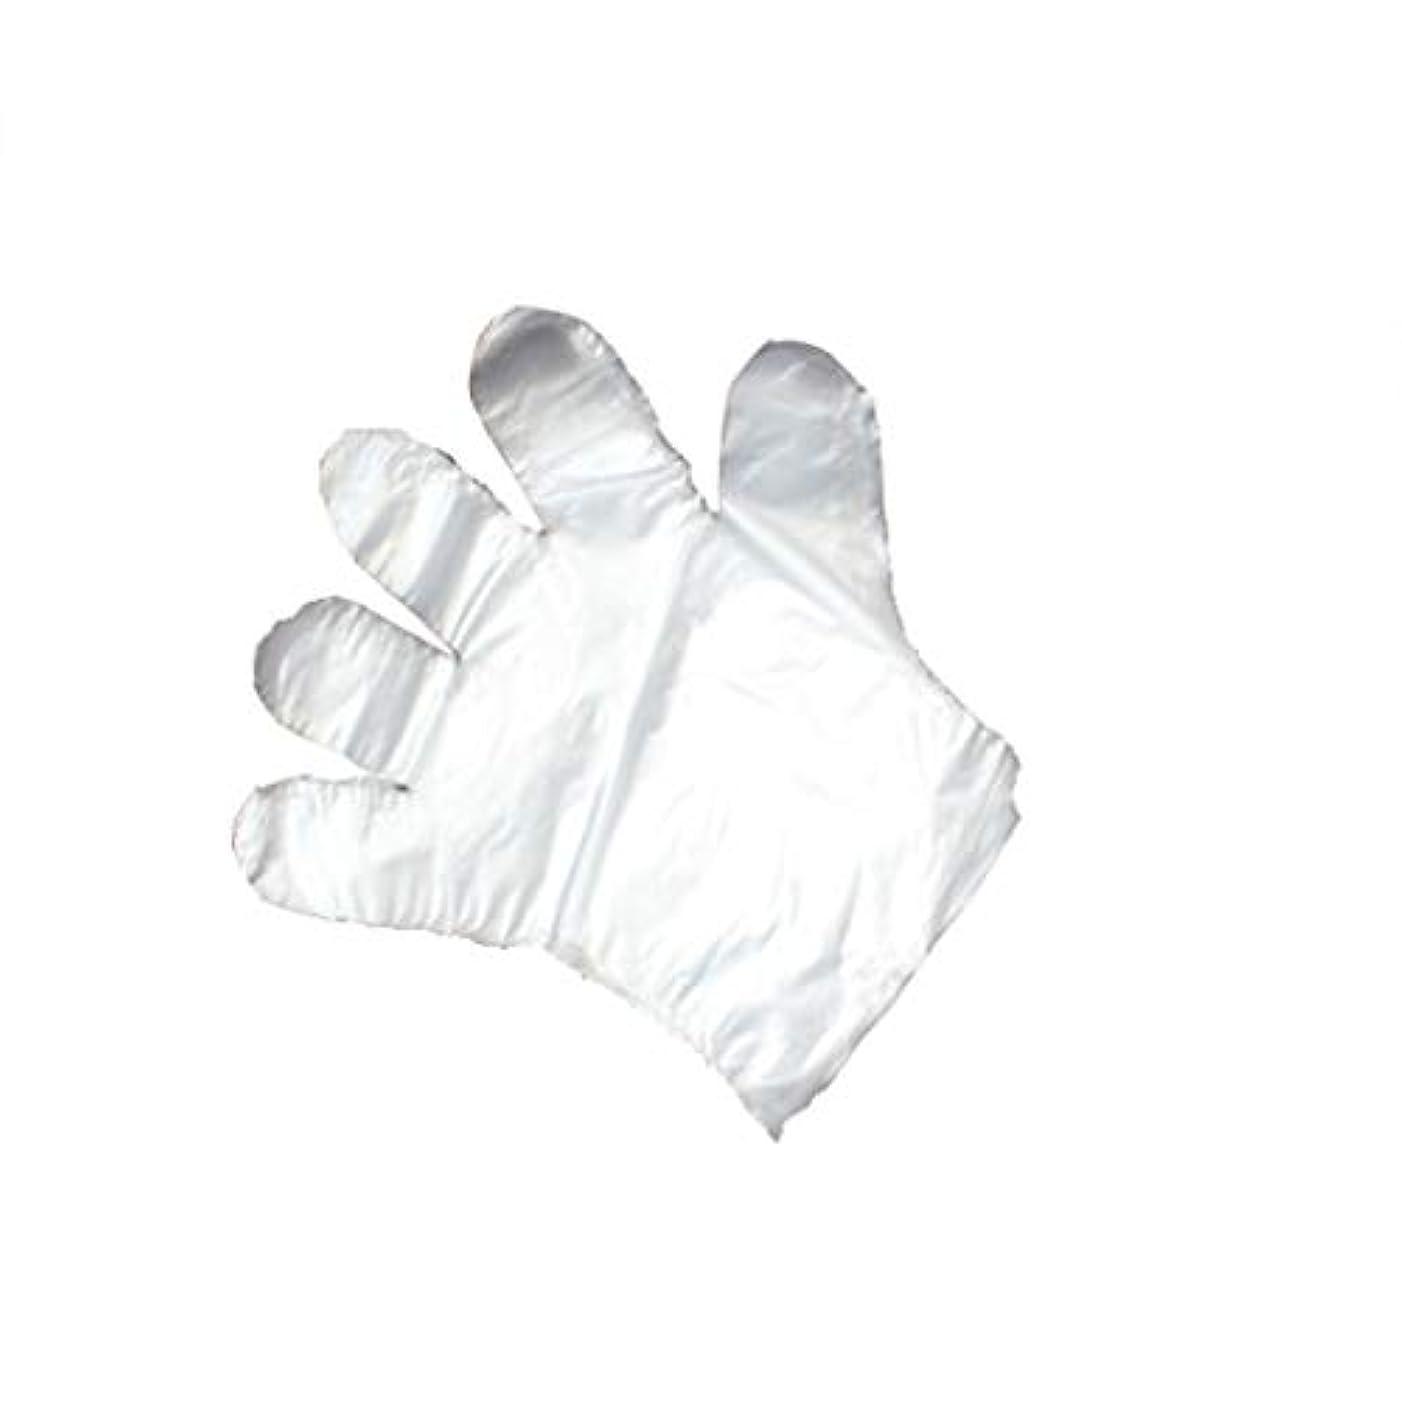 オペラ大量盗難手袋、使い捨て手袋、透明な肥厚、美しさ、家庭掃除、手袋、白、透明、5パック、500袋。 (UnitCount : 1000)